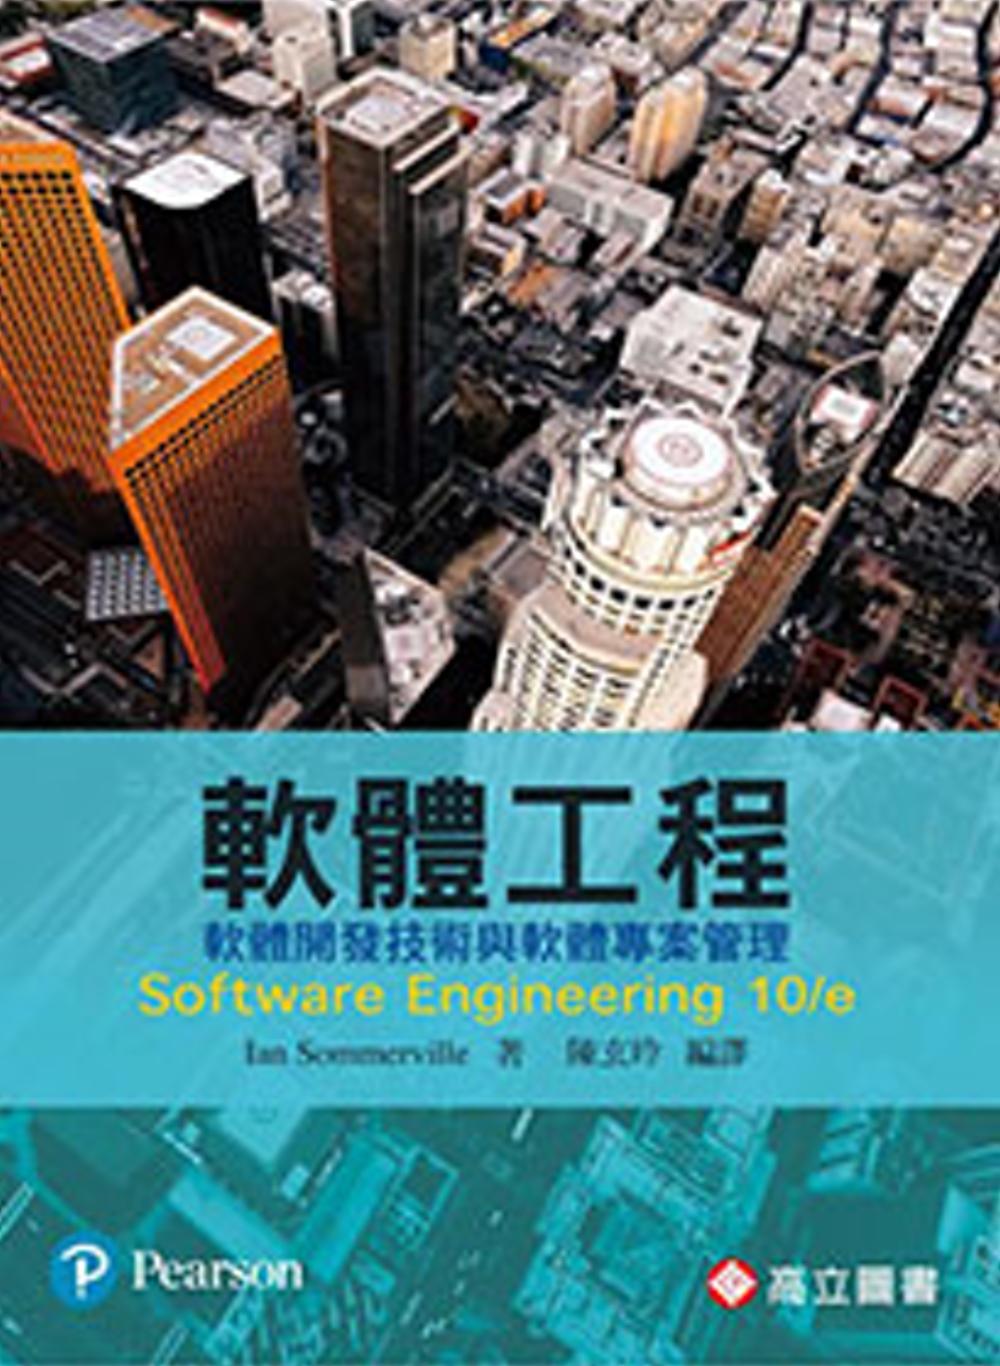 軟體工程-軟體開發技術與軟體專案管理 (Sommerville: Software Engineering 10/E)